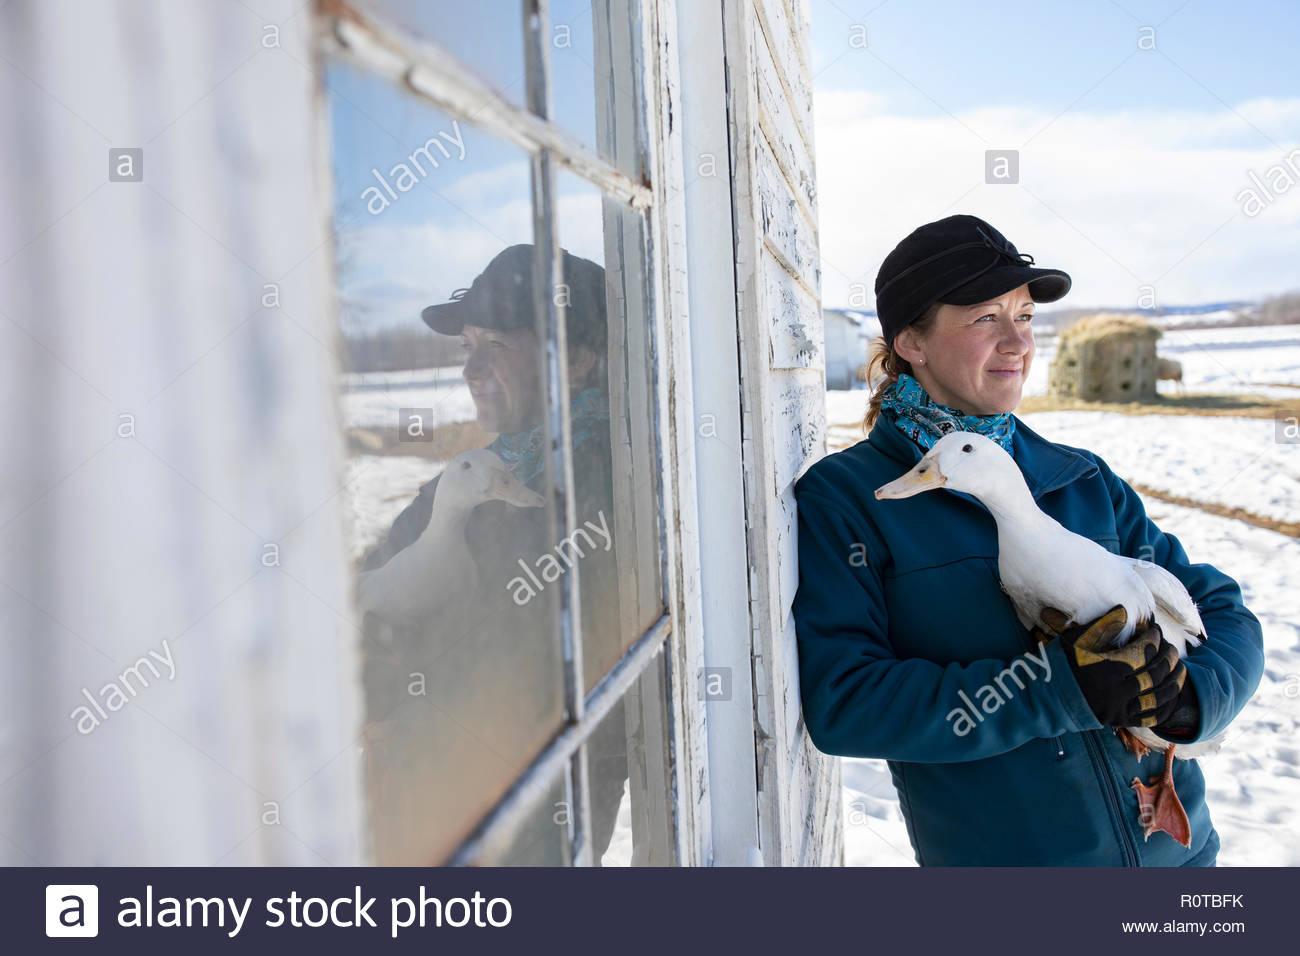 Female farmer holding duck outside barn - Stock Image